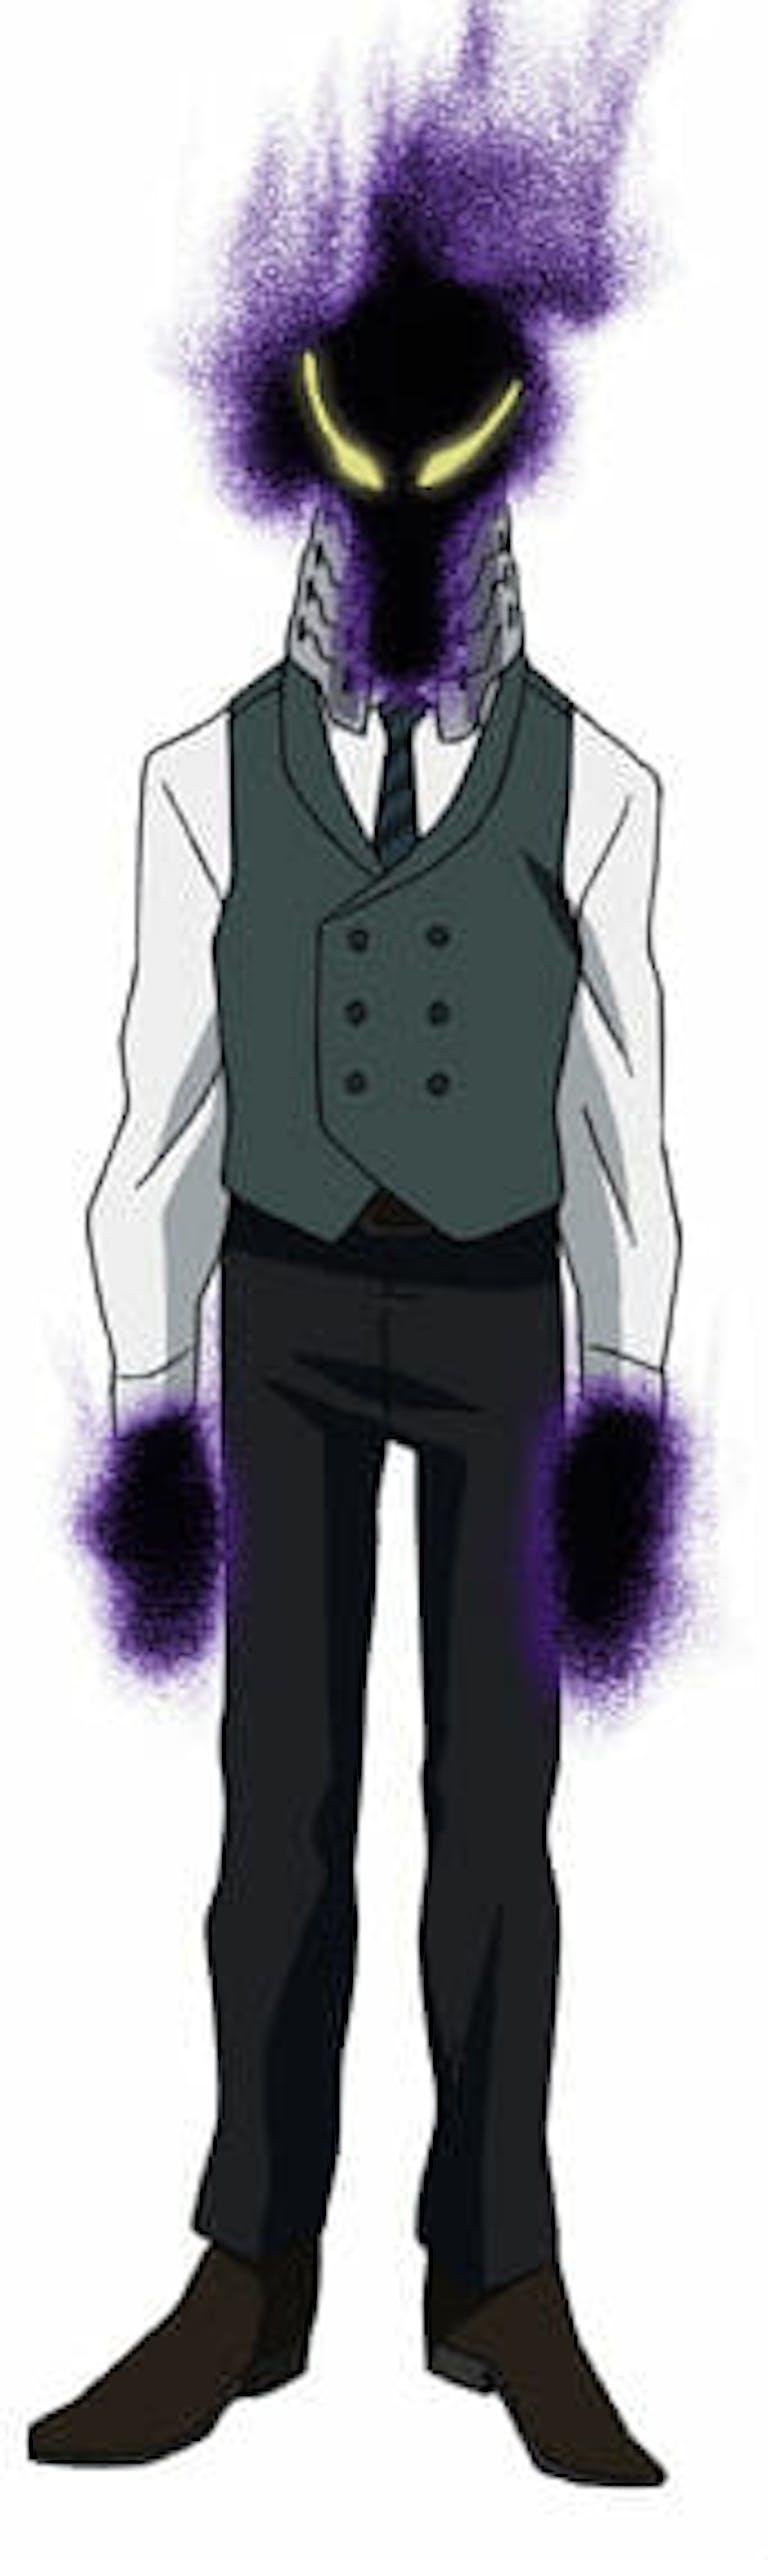 best my hero academia characters : kurogiri